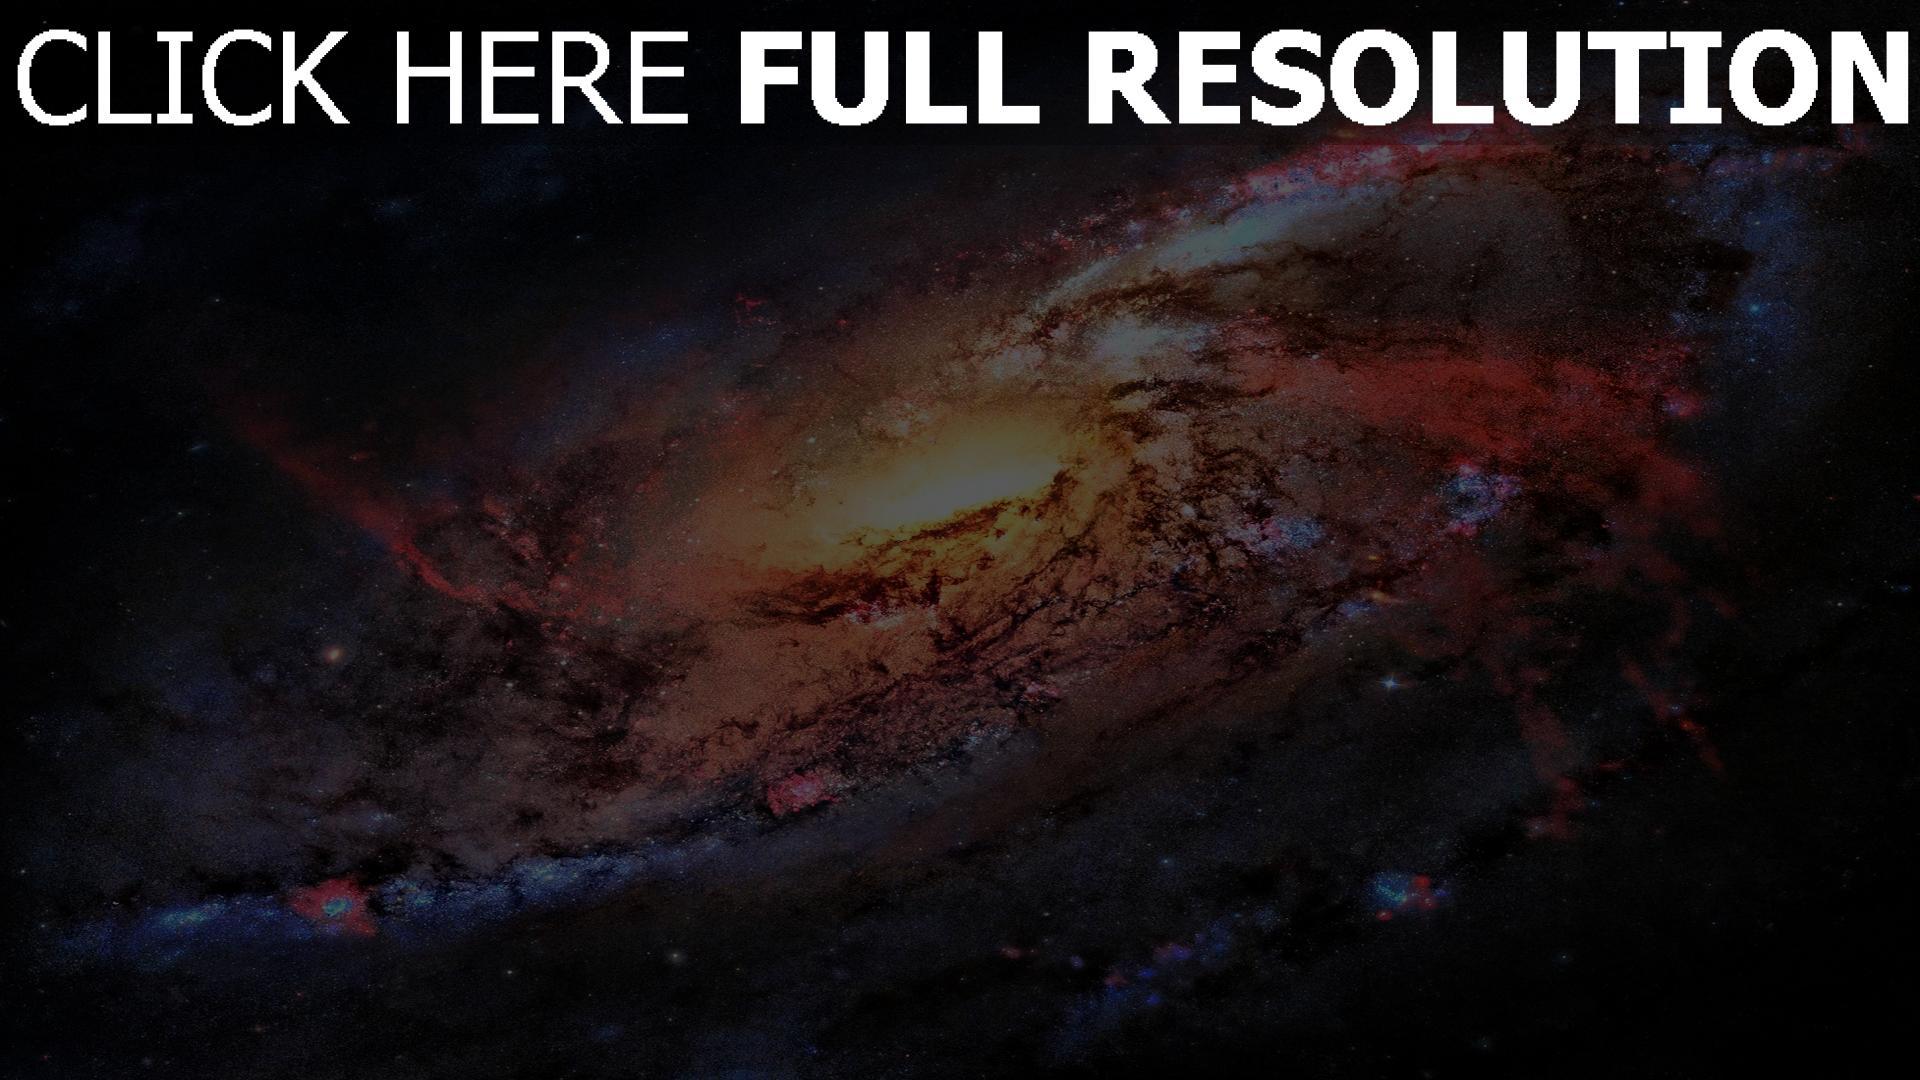 fond d'écran 1920x1080 galaxie noyau gigantesque